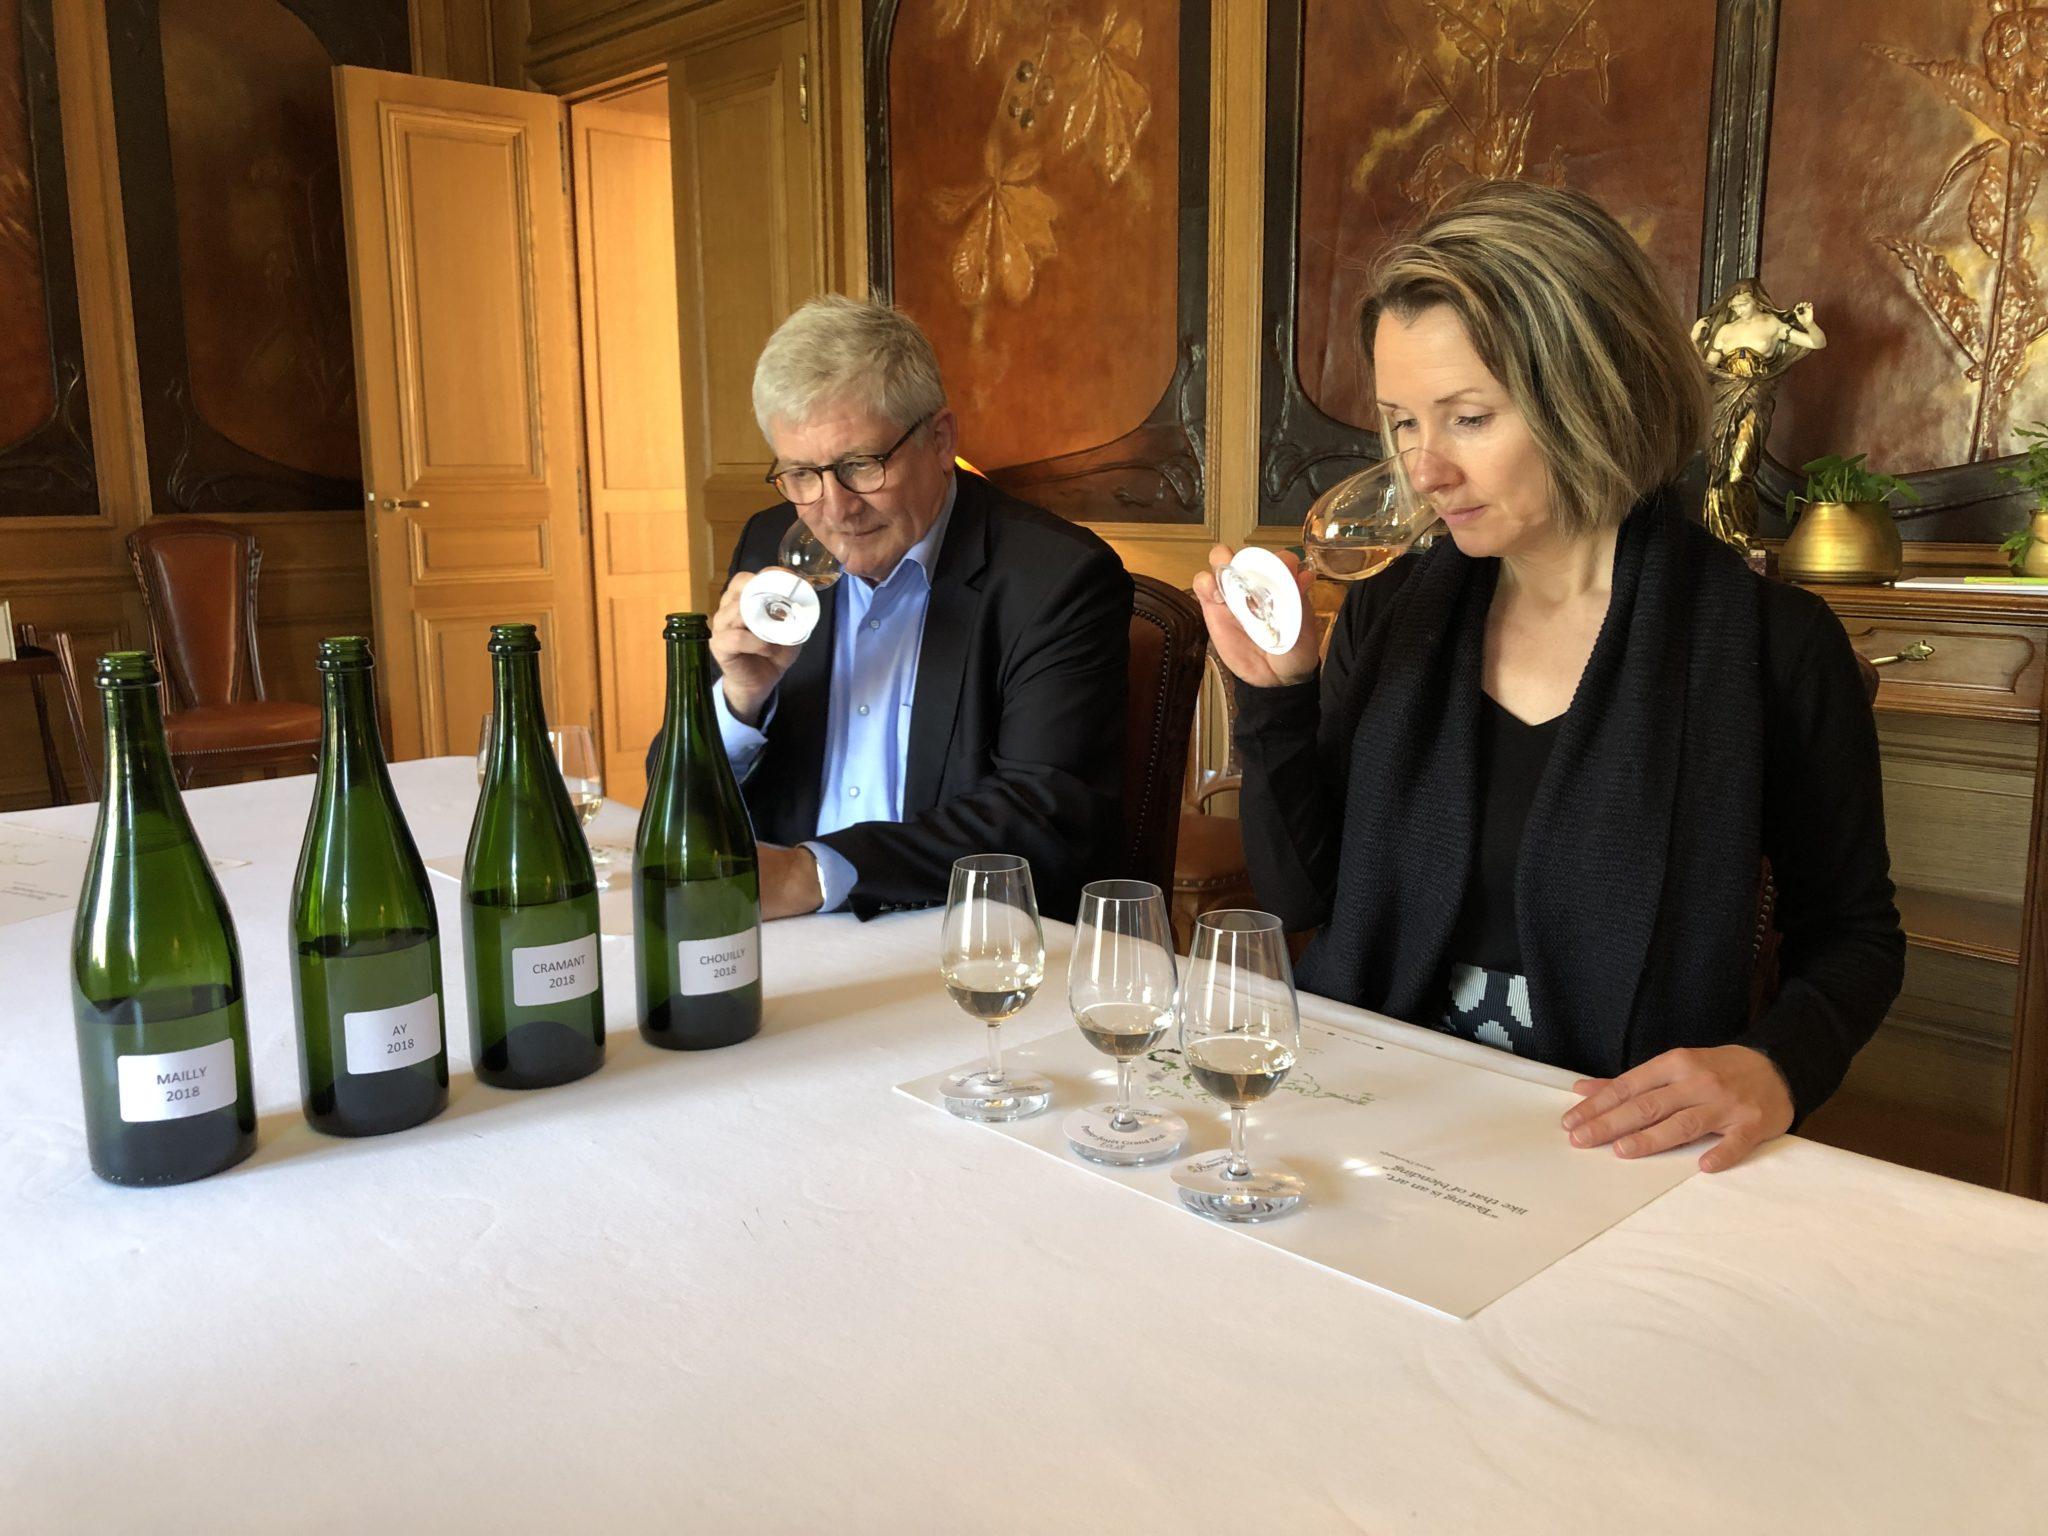 Dégustation de vins clairs dans les salons de la villa Perrier-Jouët.